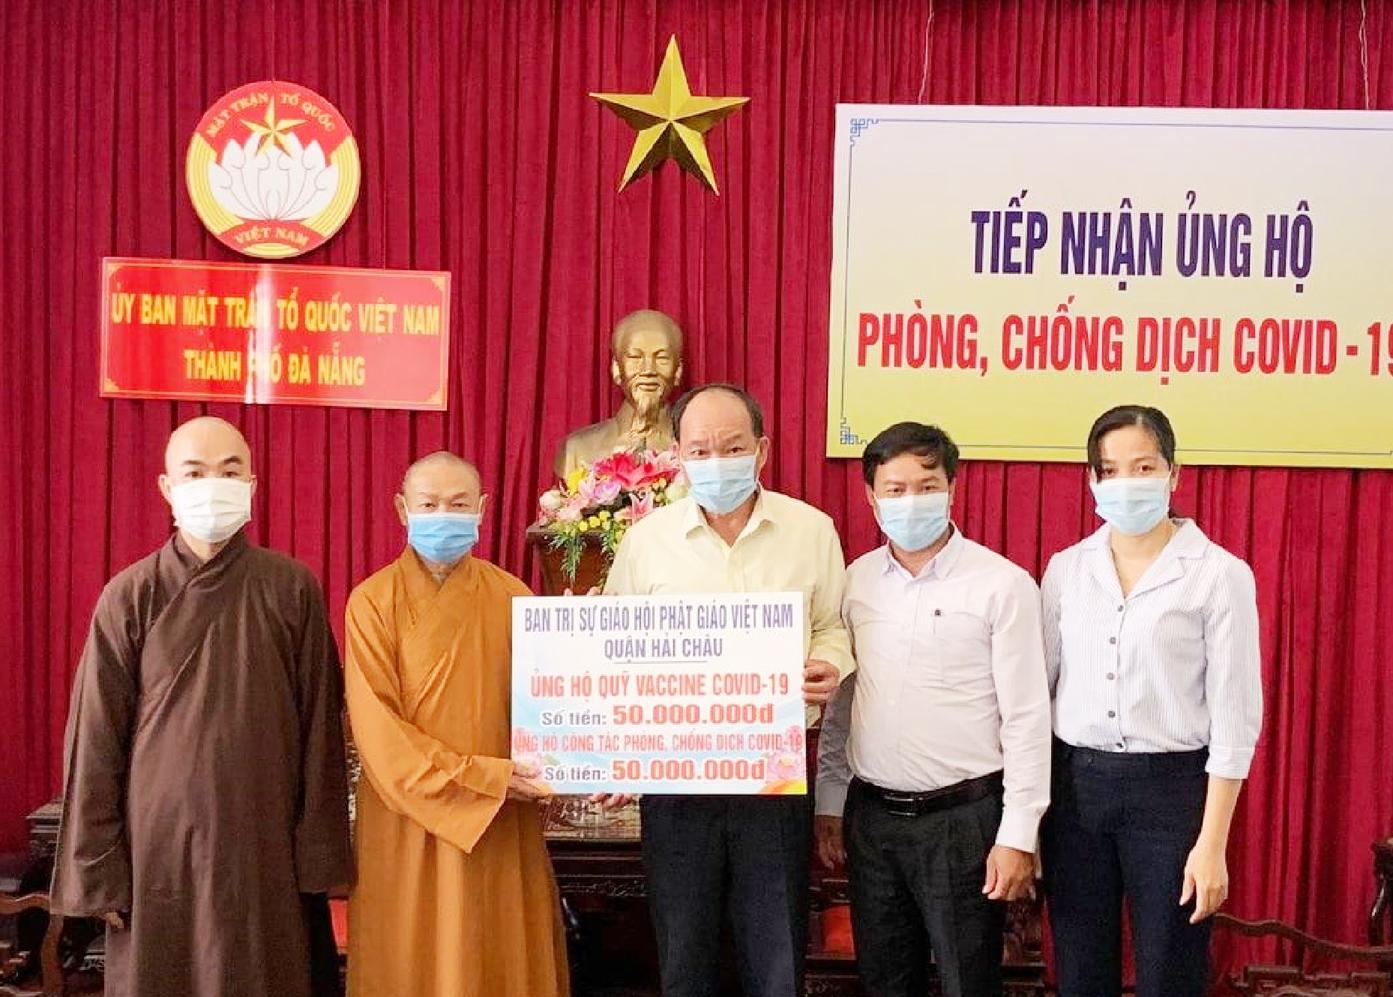 Thượng tọa Thích Chúc Tín, Phó Ban Trị sự Phật giáo quận Hải Châu, Trụ trì chùa Bát Nhã trao tiền ủng hộ tới Ủy ban Mặt trận Tổ quốc TP. Đà Nẵng chiều ngày 3/8